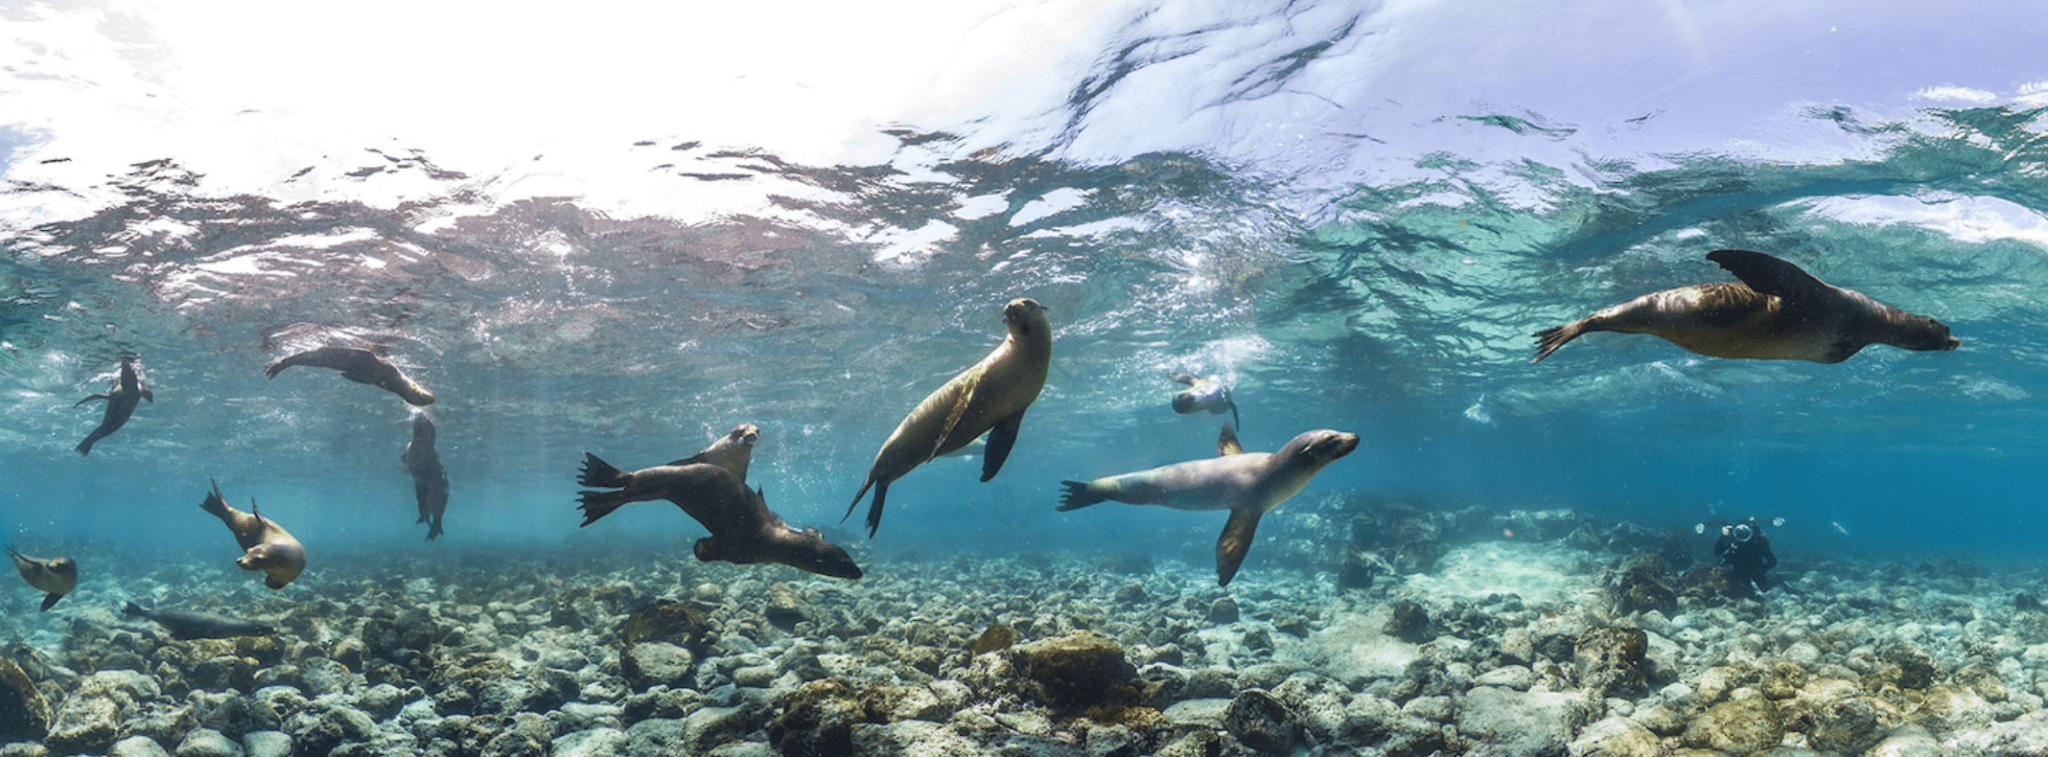 galapagos seals adventures by disney